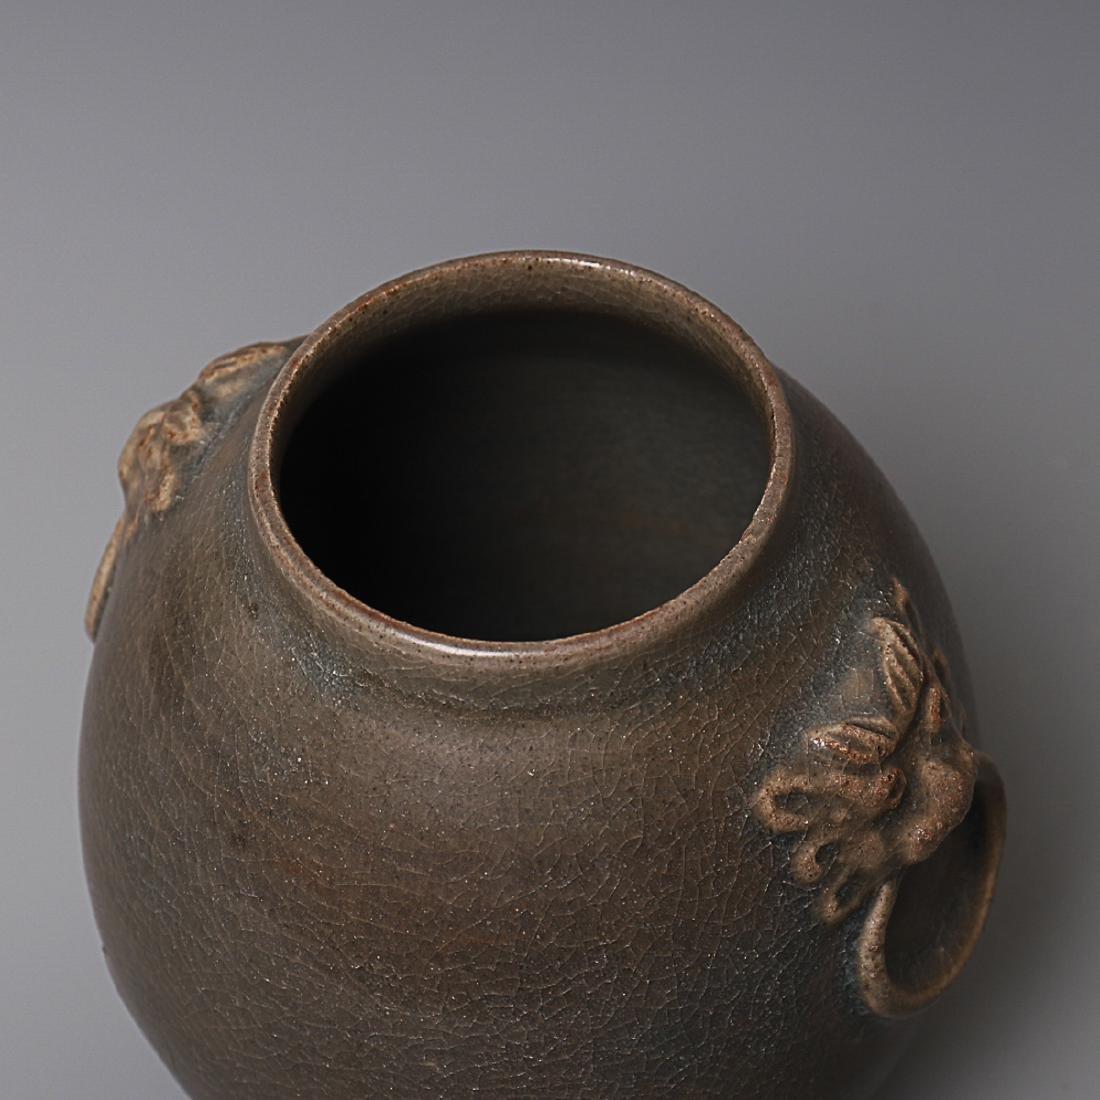 Vintage Chinese Porcelain Jar - 6